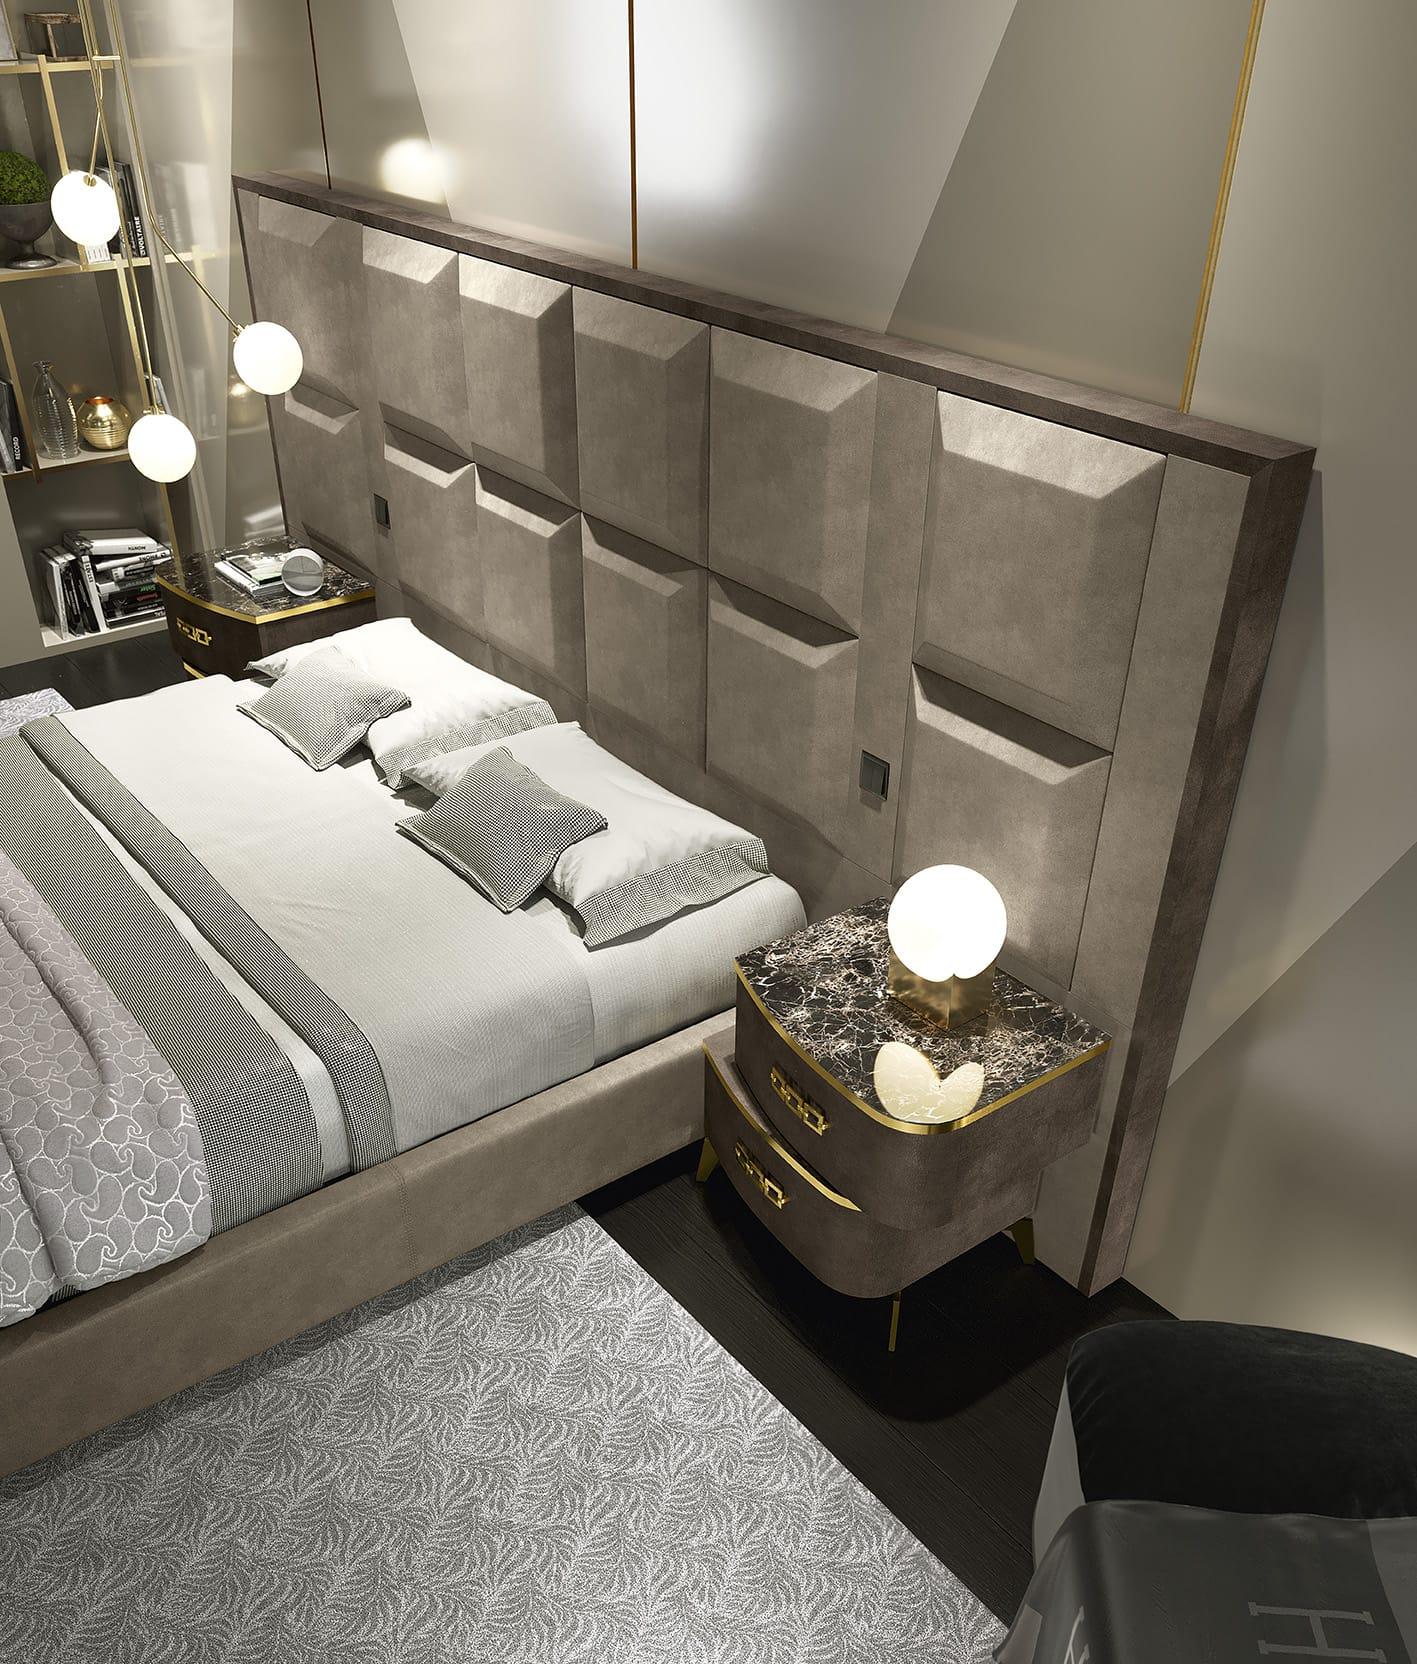 adriatica-meraviglia-letto-particolare.jpg